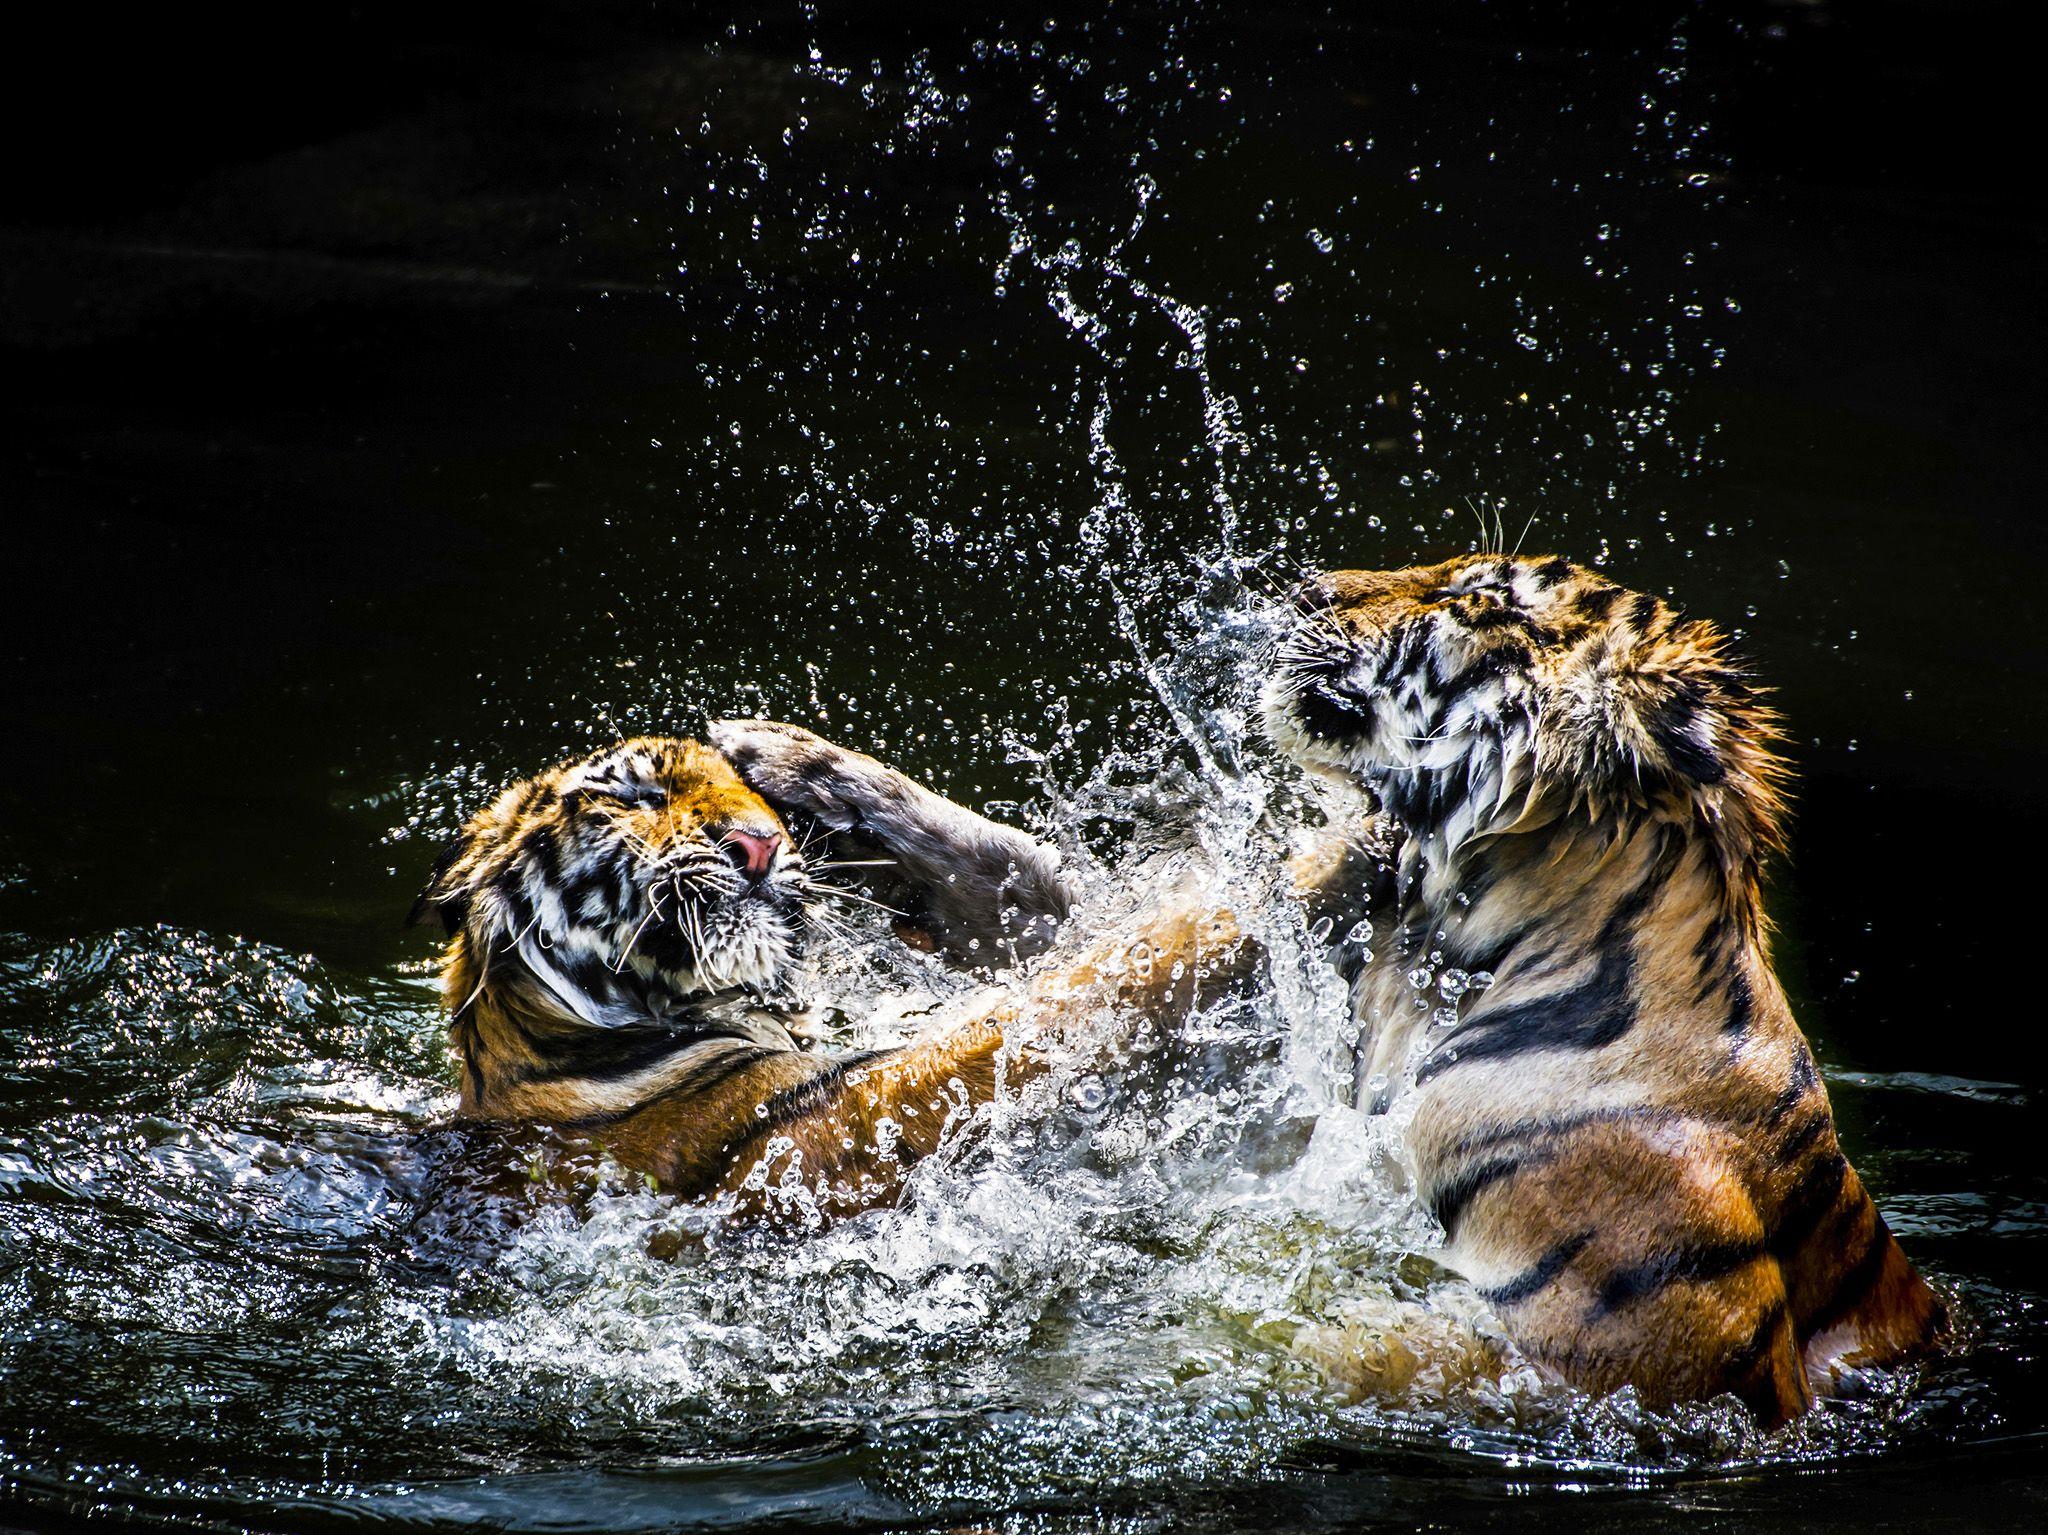 مصارعة النمور في الماء.  يعيش النمور عادة ما بين 8 و10... [Photo of the day - أغسطس 2020]